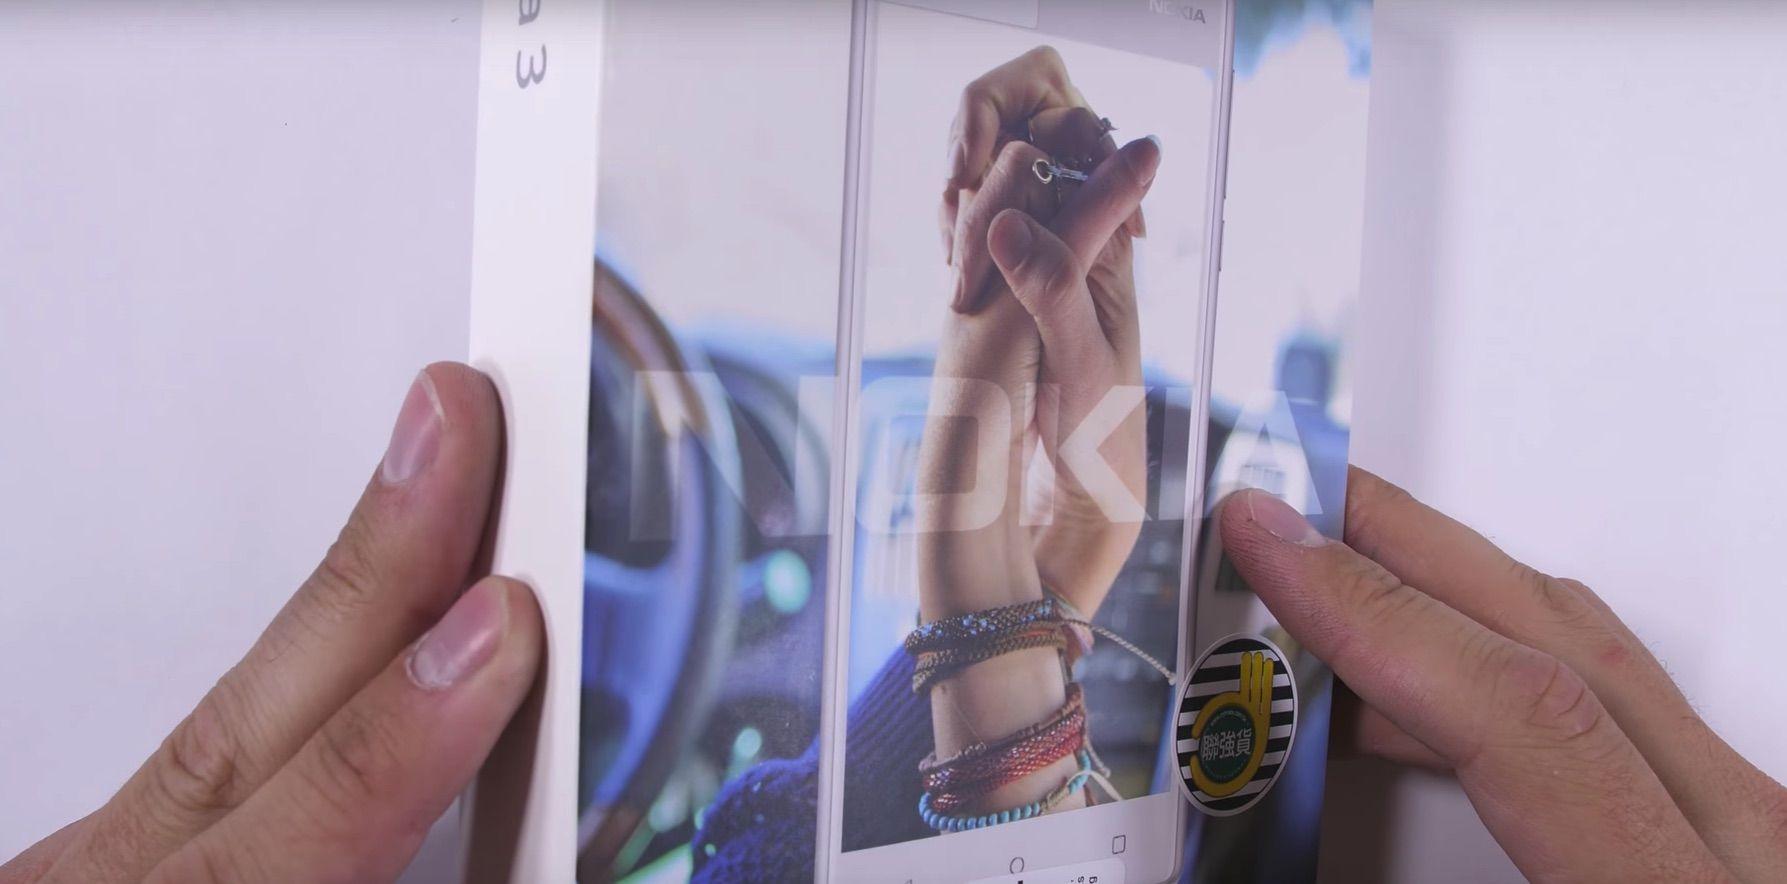 Nokia 3 Durability Test 1